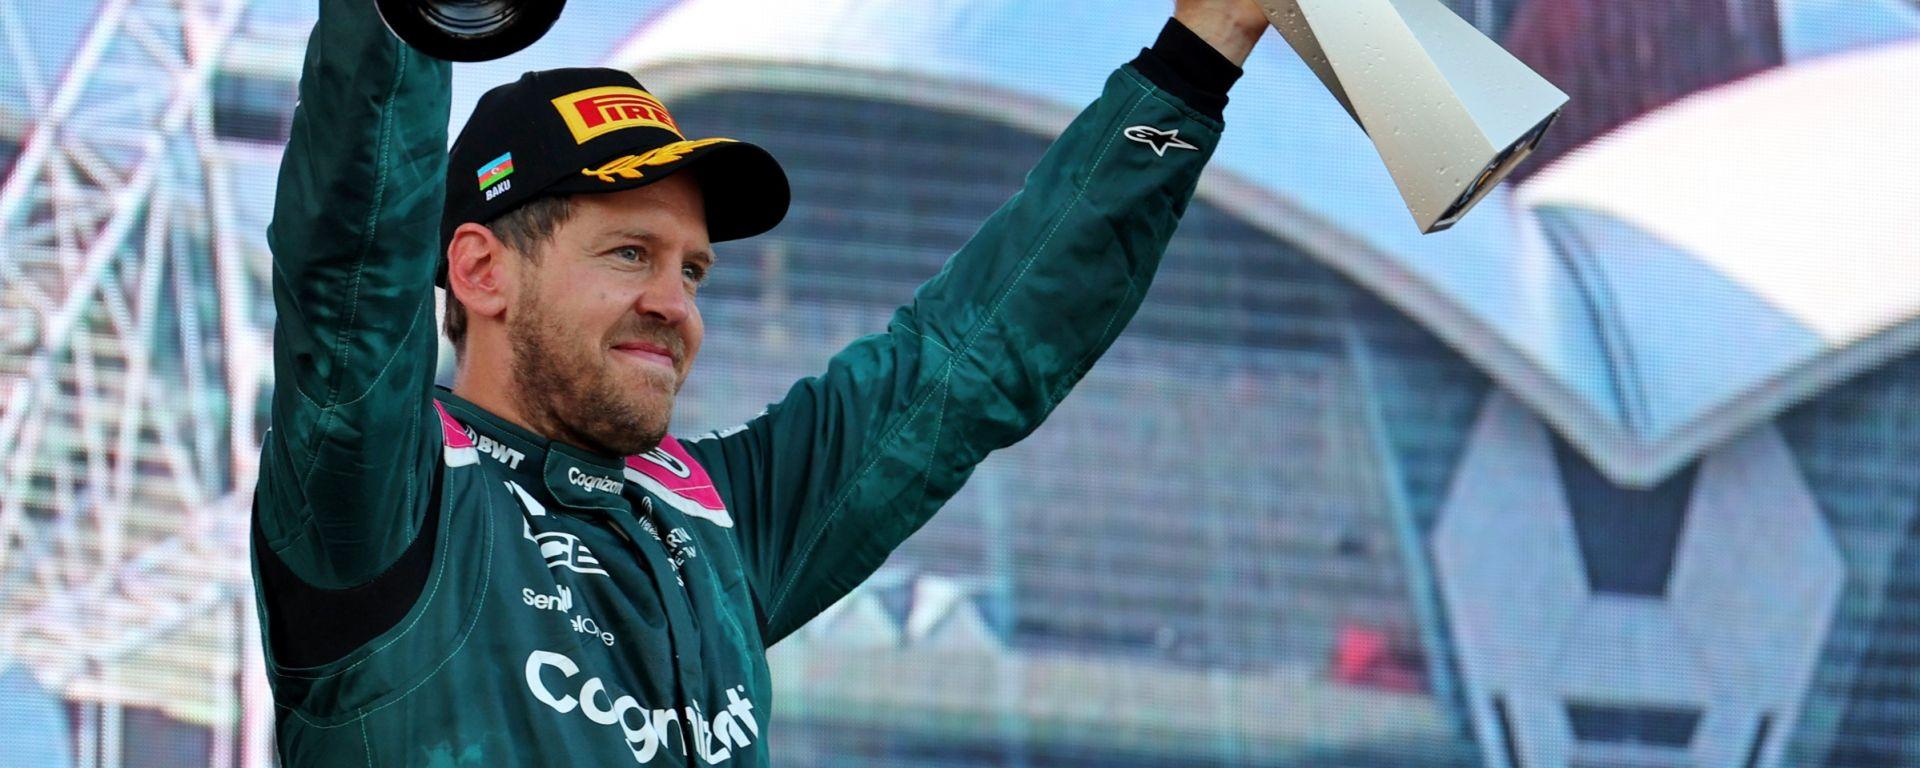 F1, GP Azerbaijan 2021: Sebastian Vettel sul podio